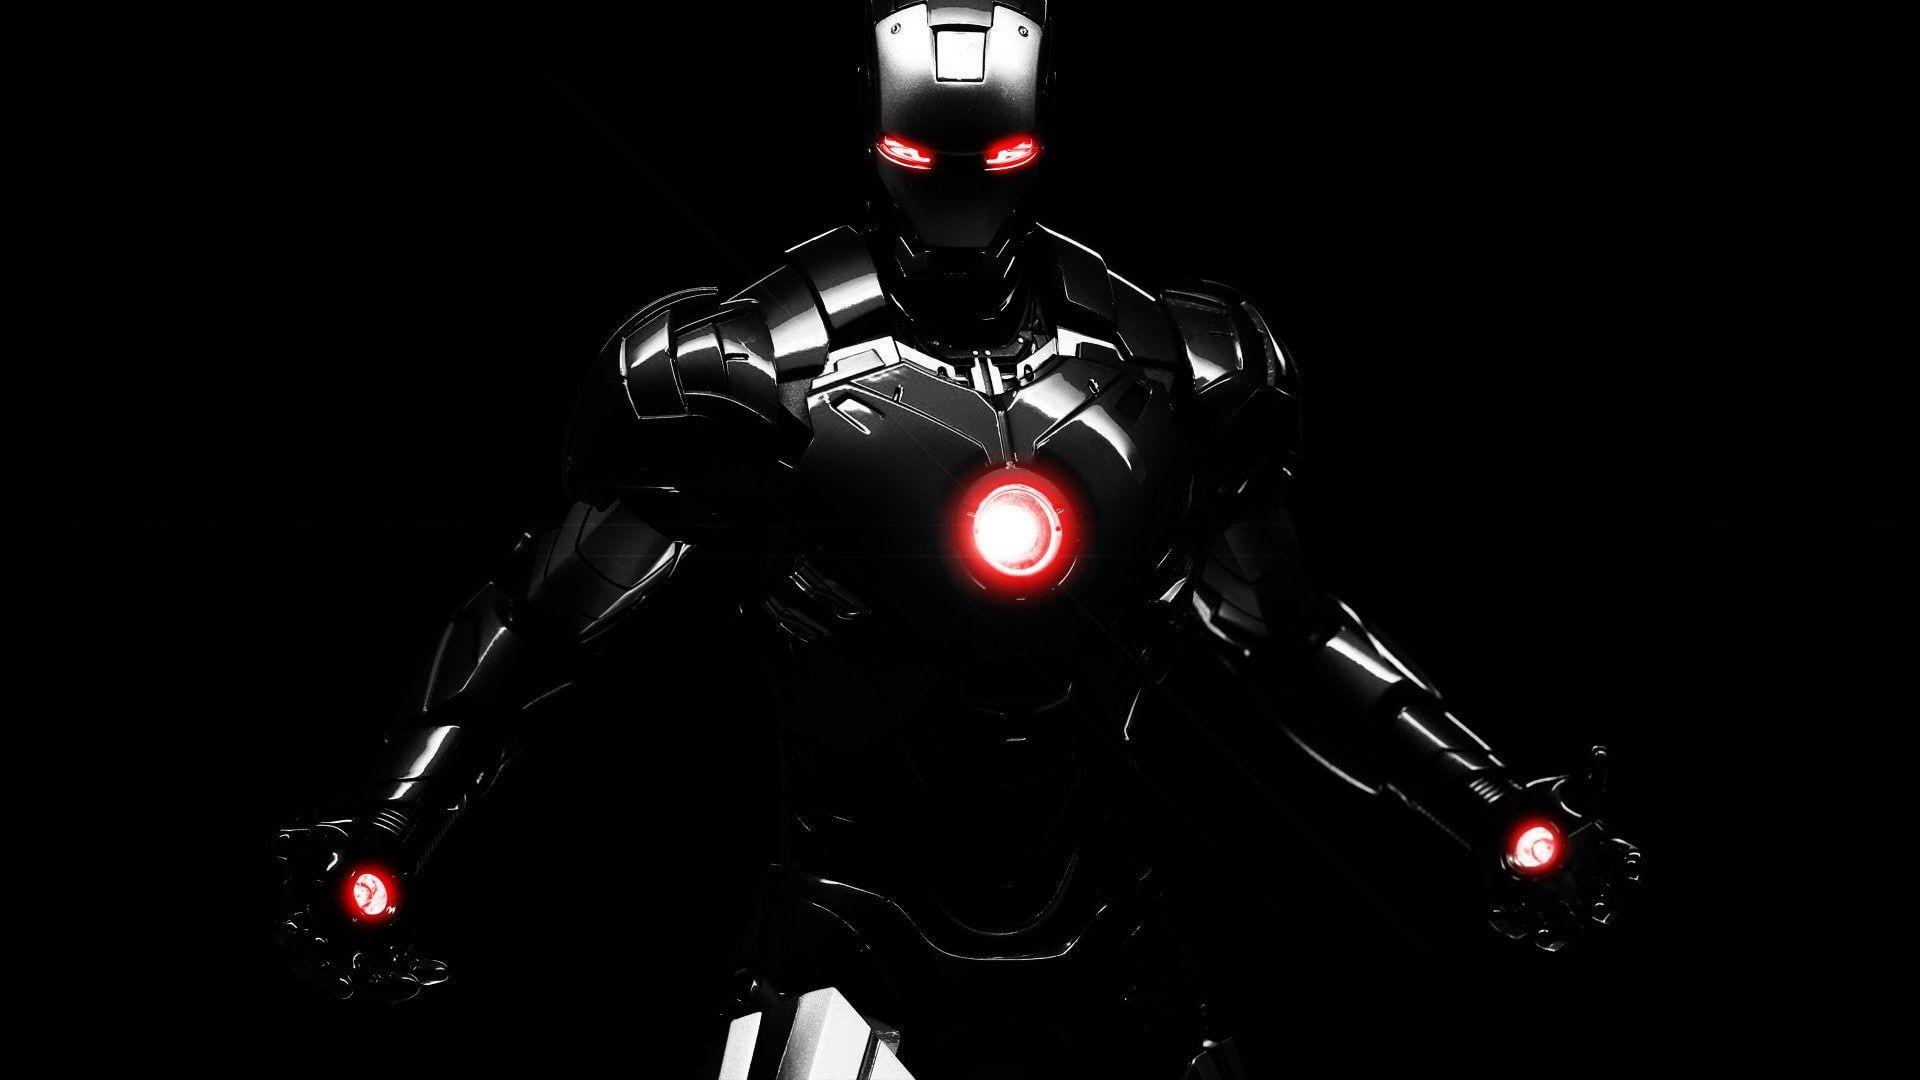 Black Iron Man Digital Wallpaper Iron Man 1080p Wallpaper Hdwallpaper Desktop Iron Man Hd Wallpaper Iron Man Wallpaper Man Wallpaper